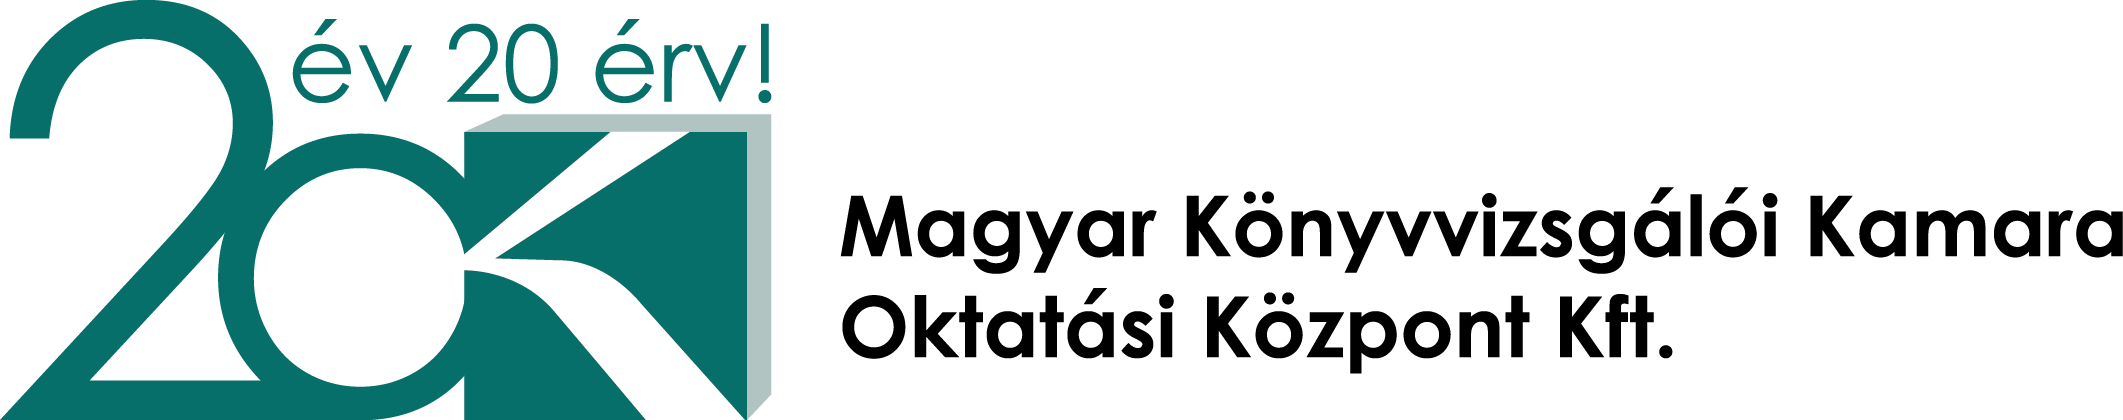 MKVK Oktatási Központ - Konferencia Ezüst fokozatú támogatója